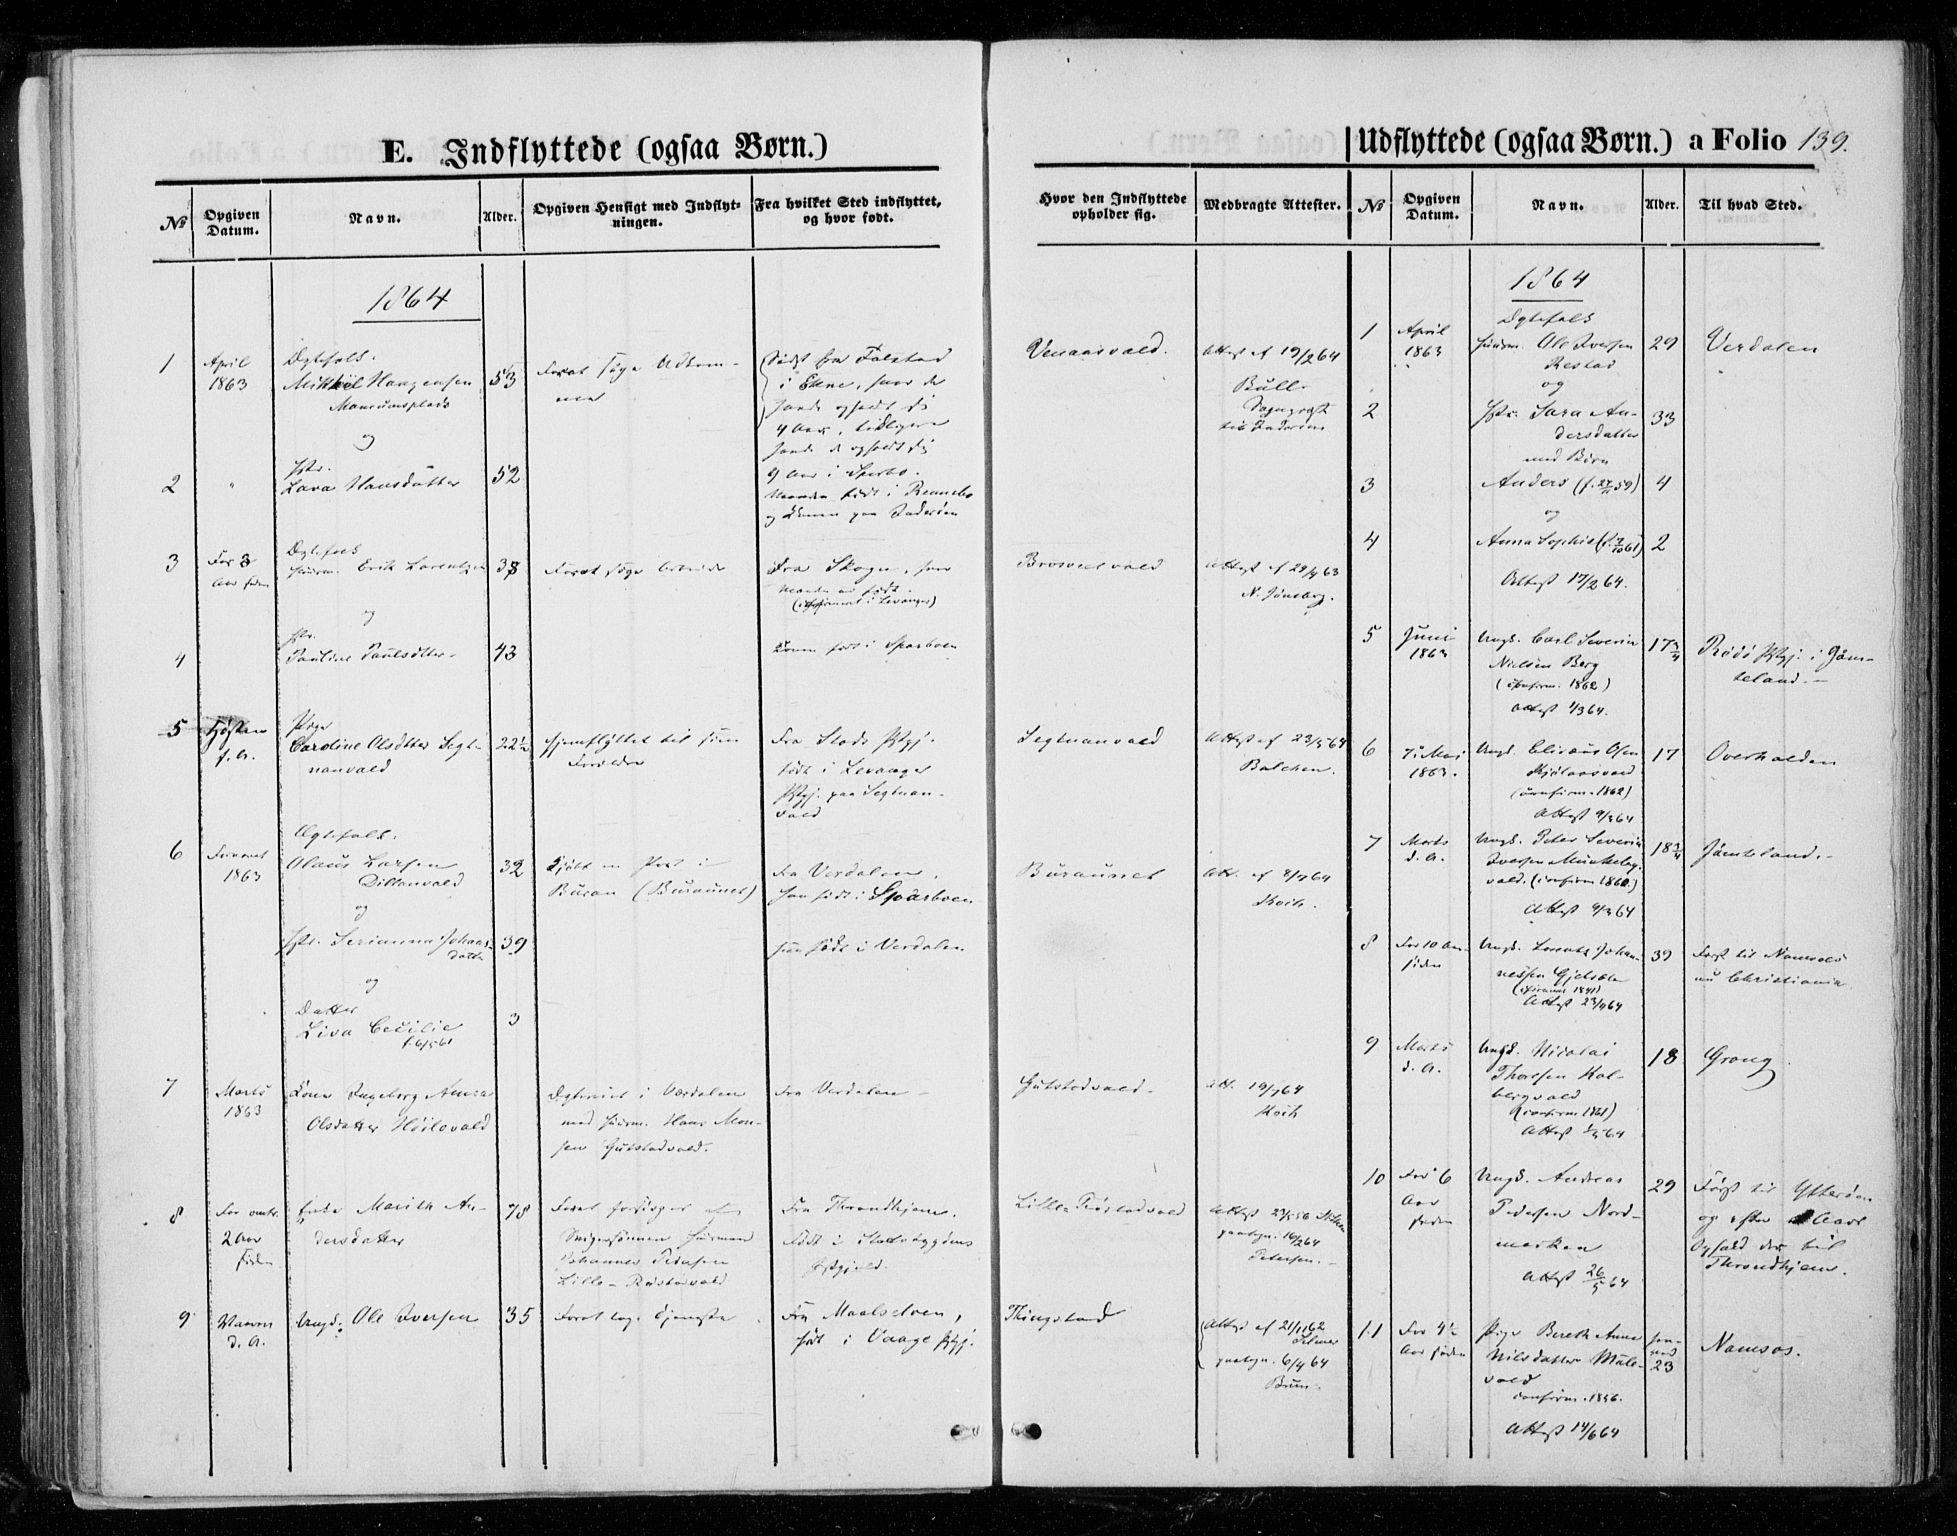 SAT, Ministerialprotokoller, klokkerbøker og fødselsregistre - Nord-Trøndelag, 721/L0206: Ministerialbok nr. 721A01, 1864-1874, s. 139